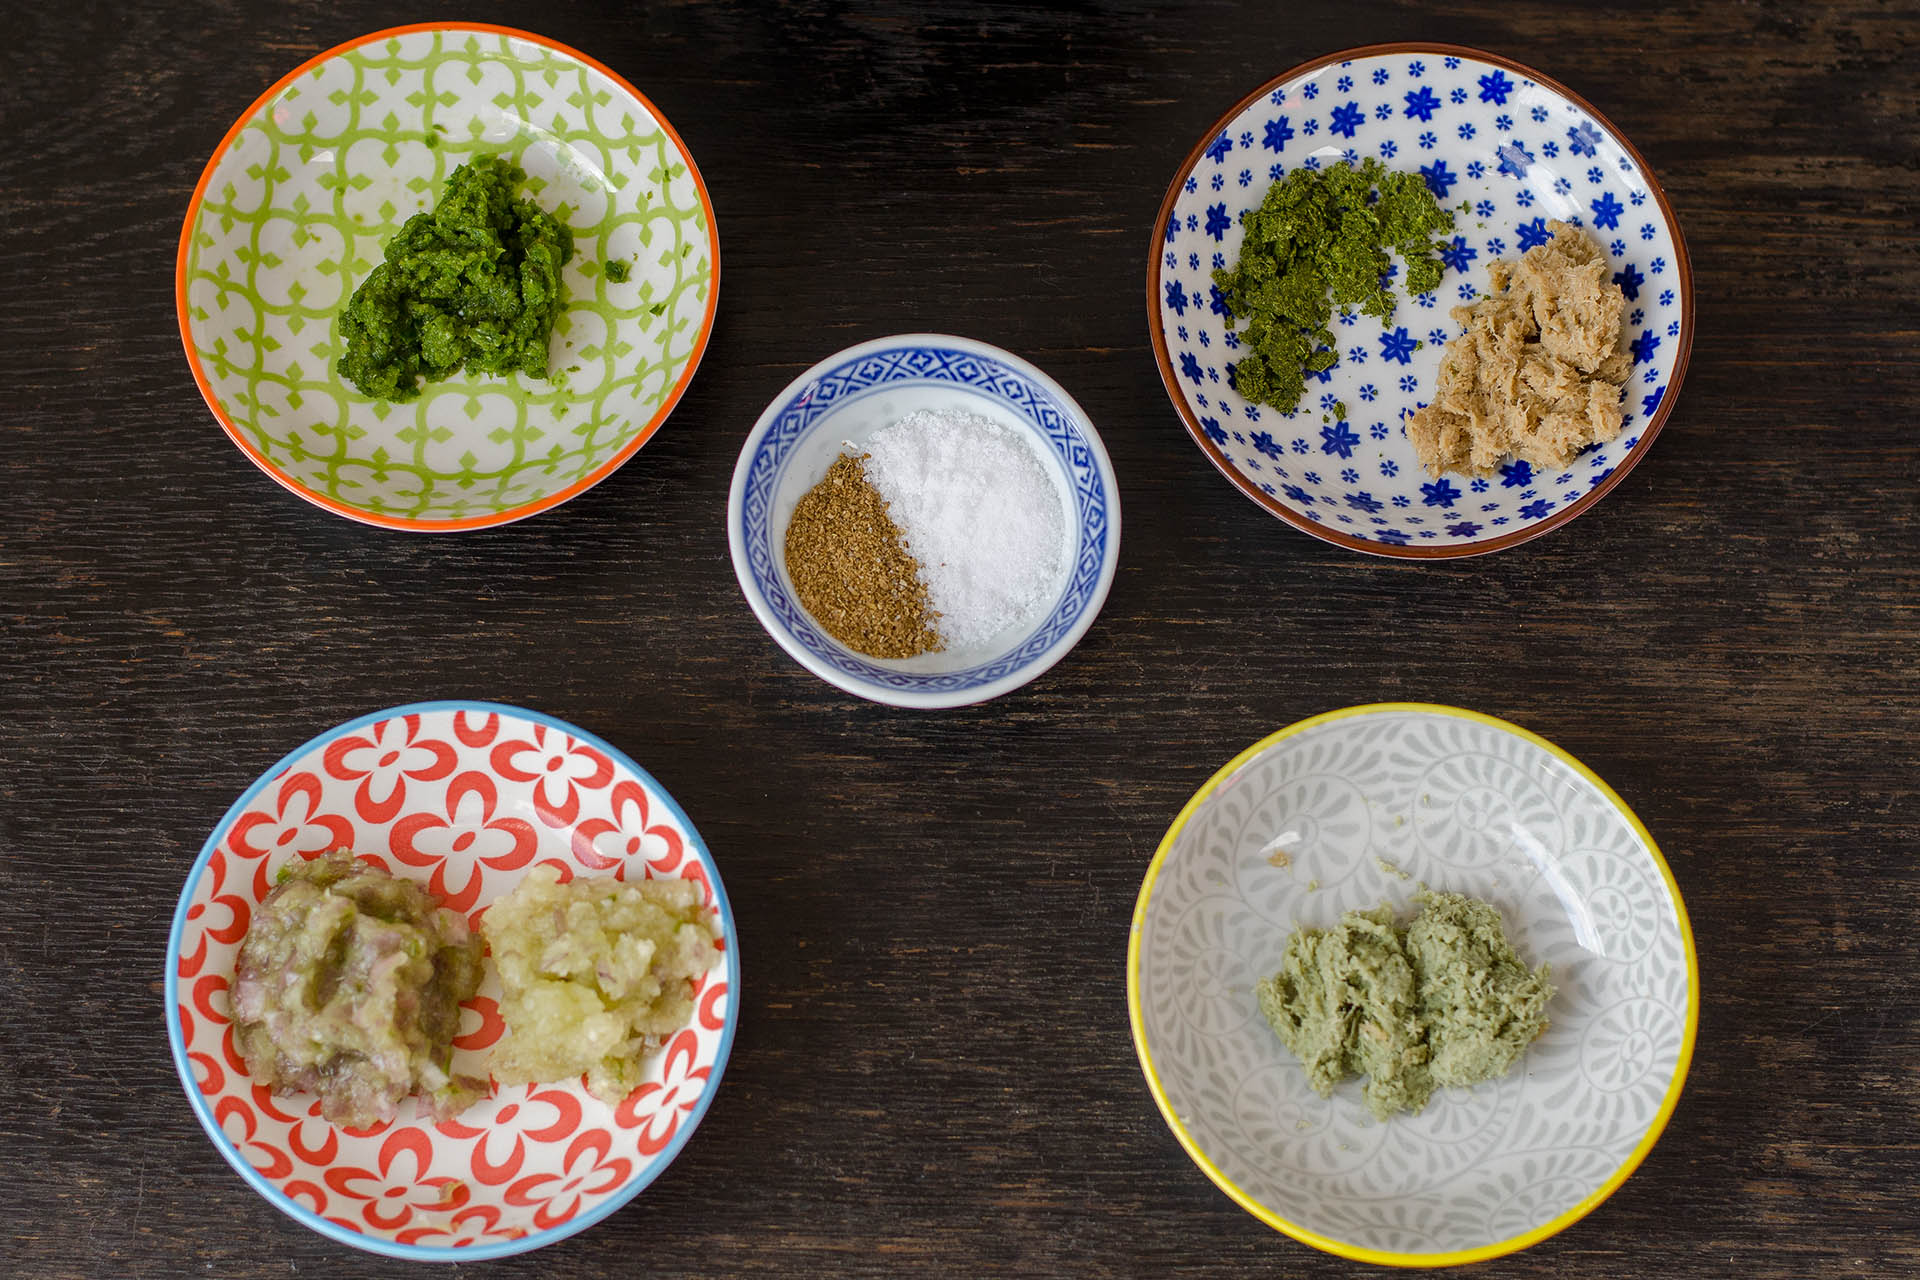 Gestampfte Zutaten grüne Curry Paste